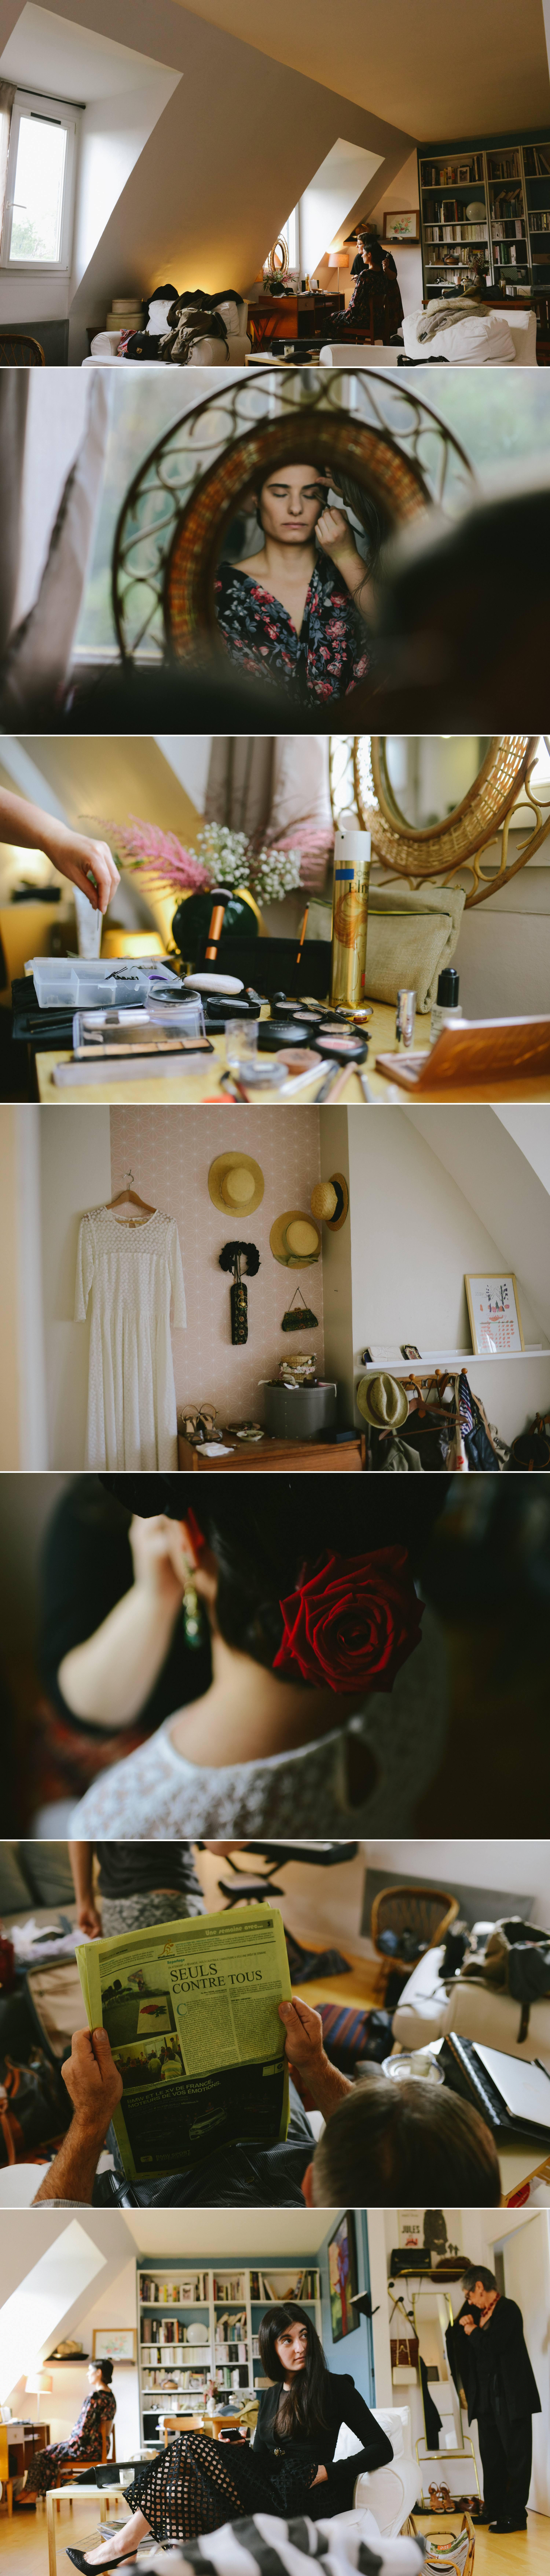 photographe-mariage-enclos-monptlaisir-paris-bordeaux 13